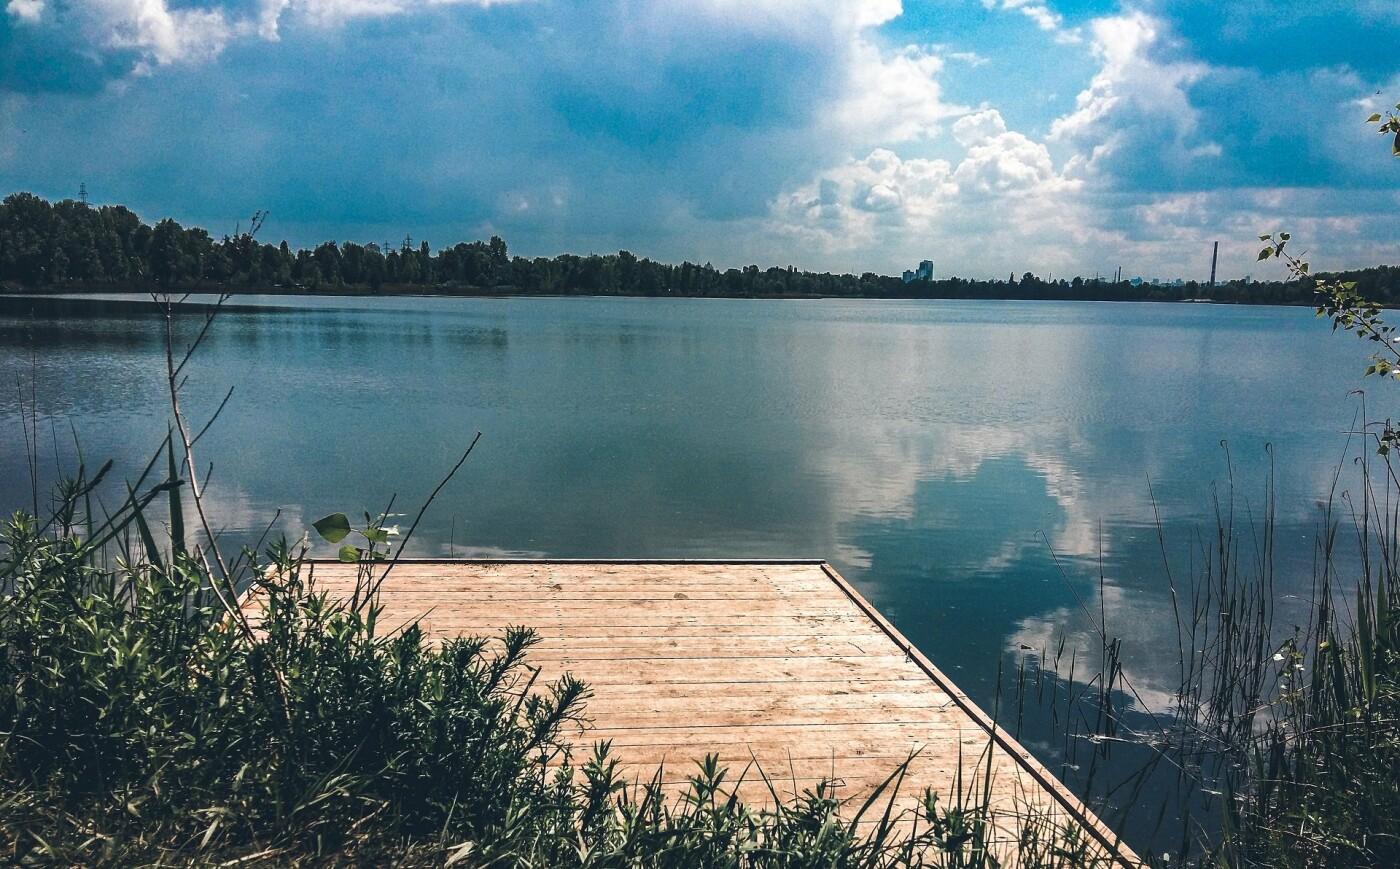 ТОП-5 озер Киева, на которых можно отдохнуть, - ФОТО, Фото: Андрій Римаренко